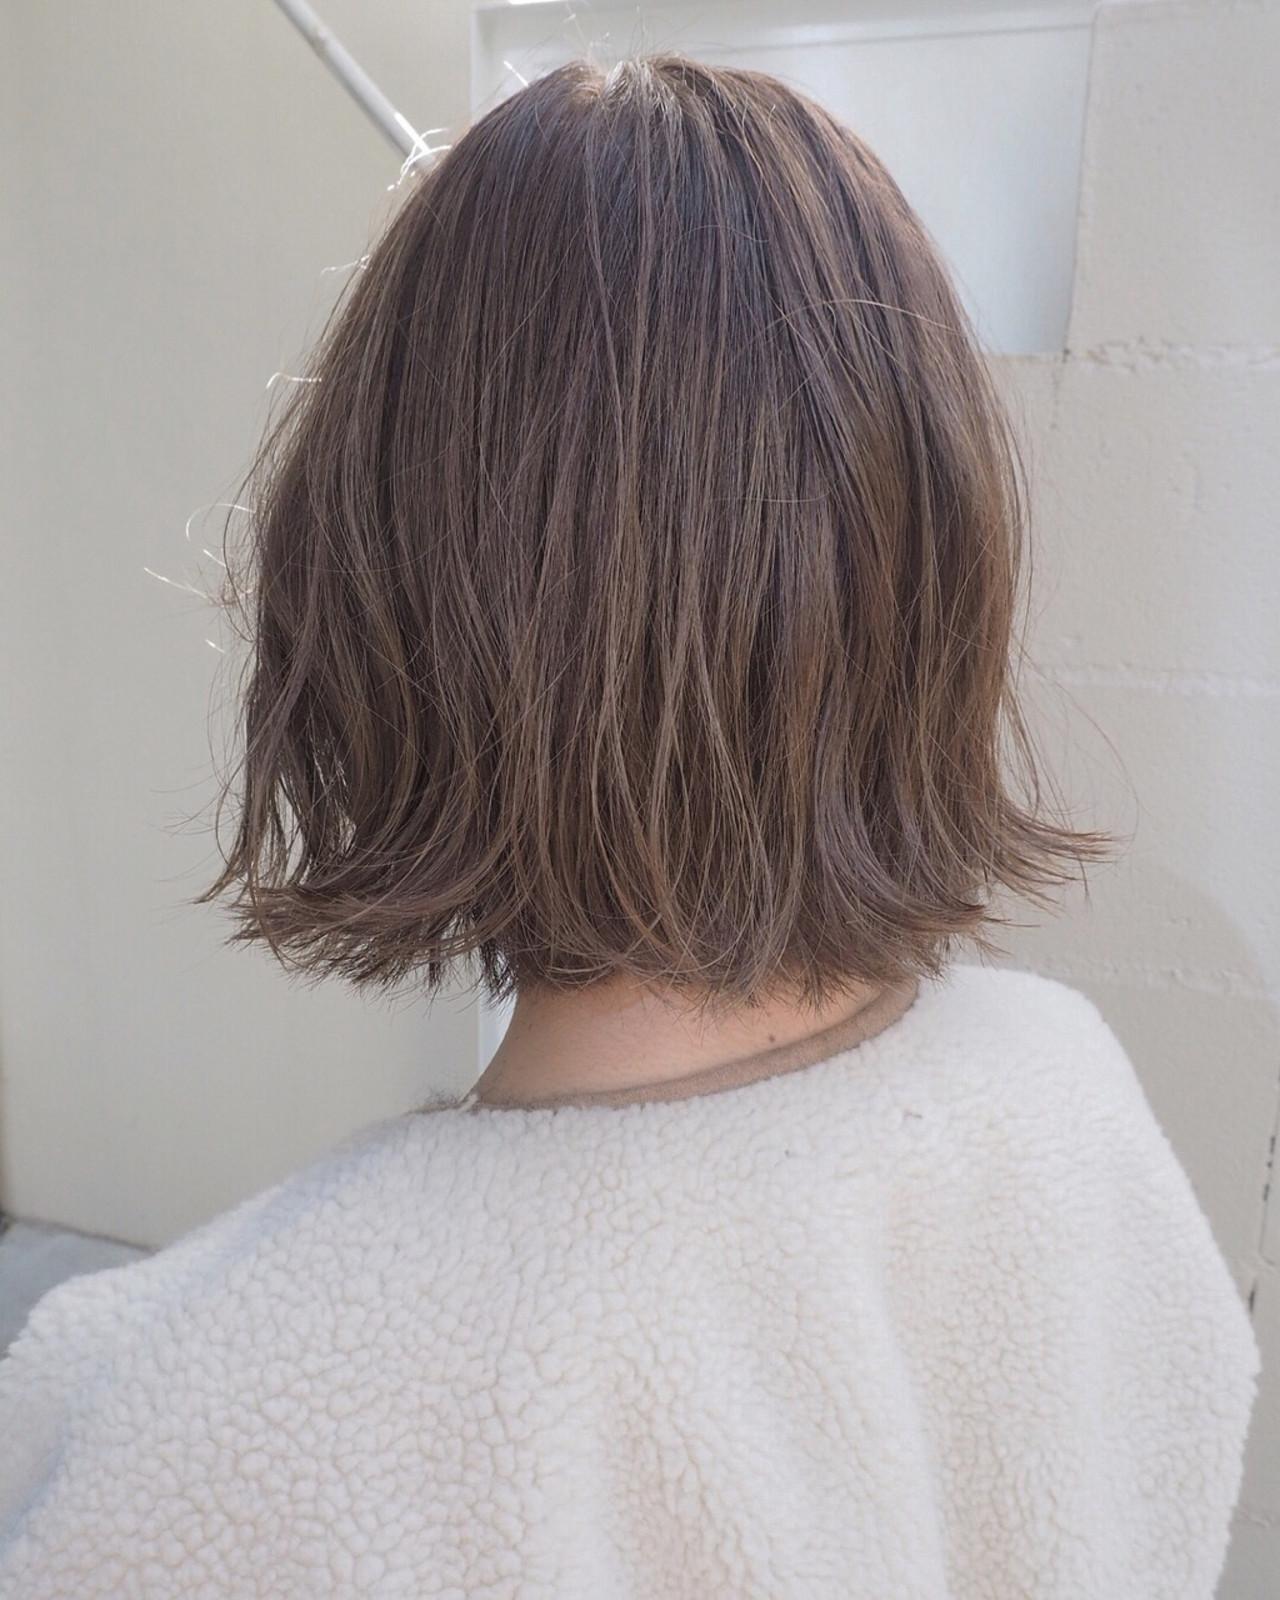 ボブ アンニュイ ナチュラル 3Dカラー ヘアスタイルや髪型の写真・画像